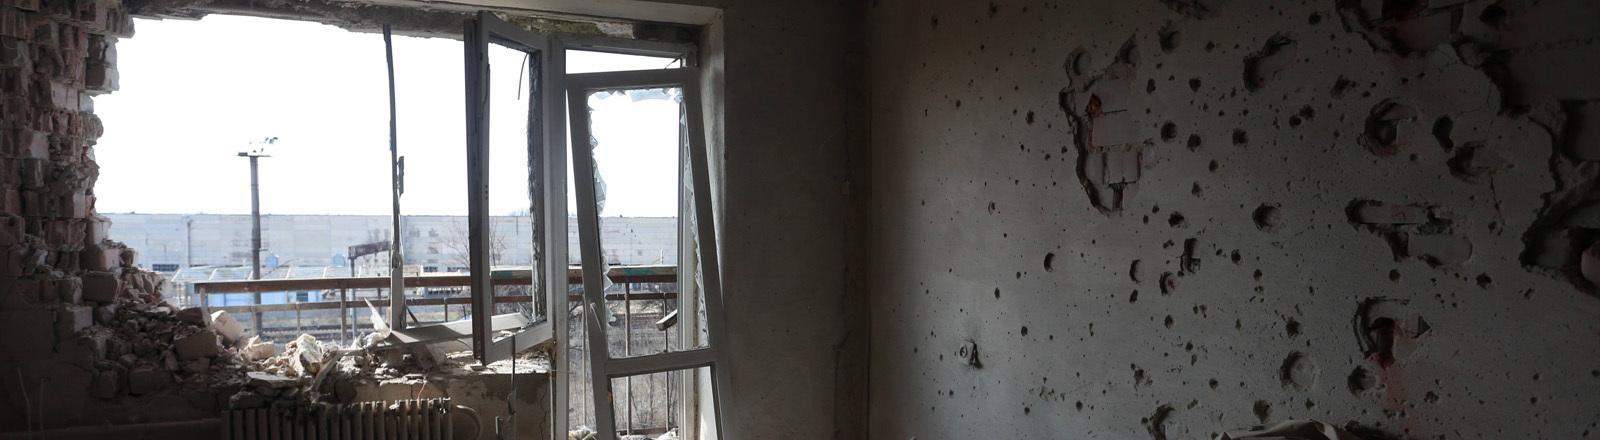 Ein zerstörtes Haus in der Ost-Ukraine.